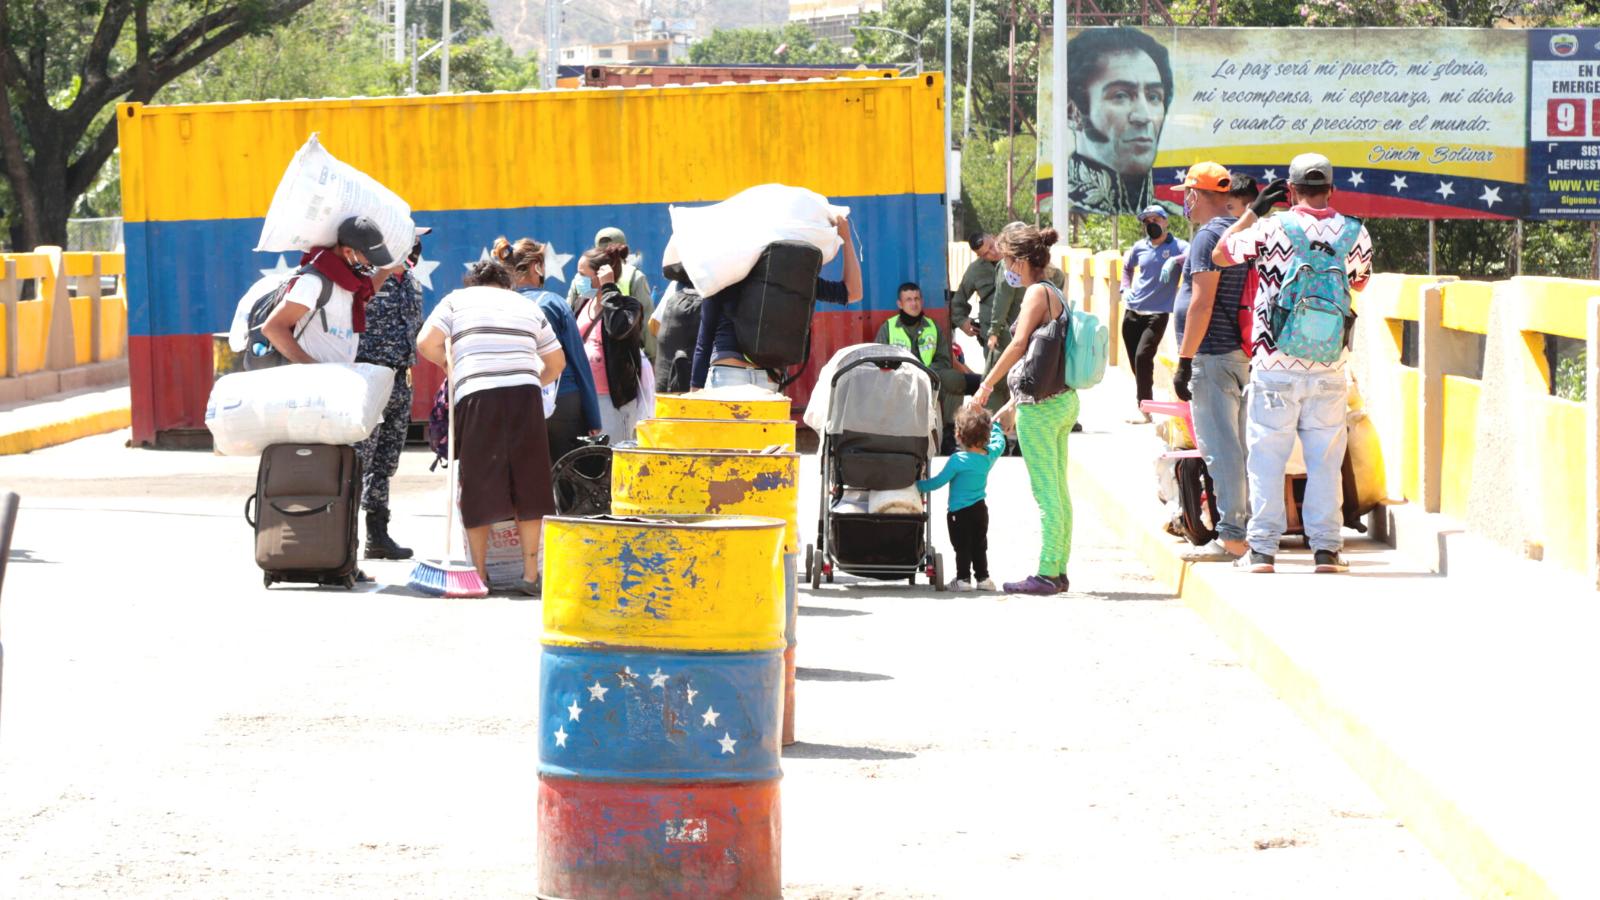 Venezuela aumenta recepción de retornados en frontera: pasó de 900 a 1750 por semana